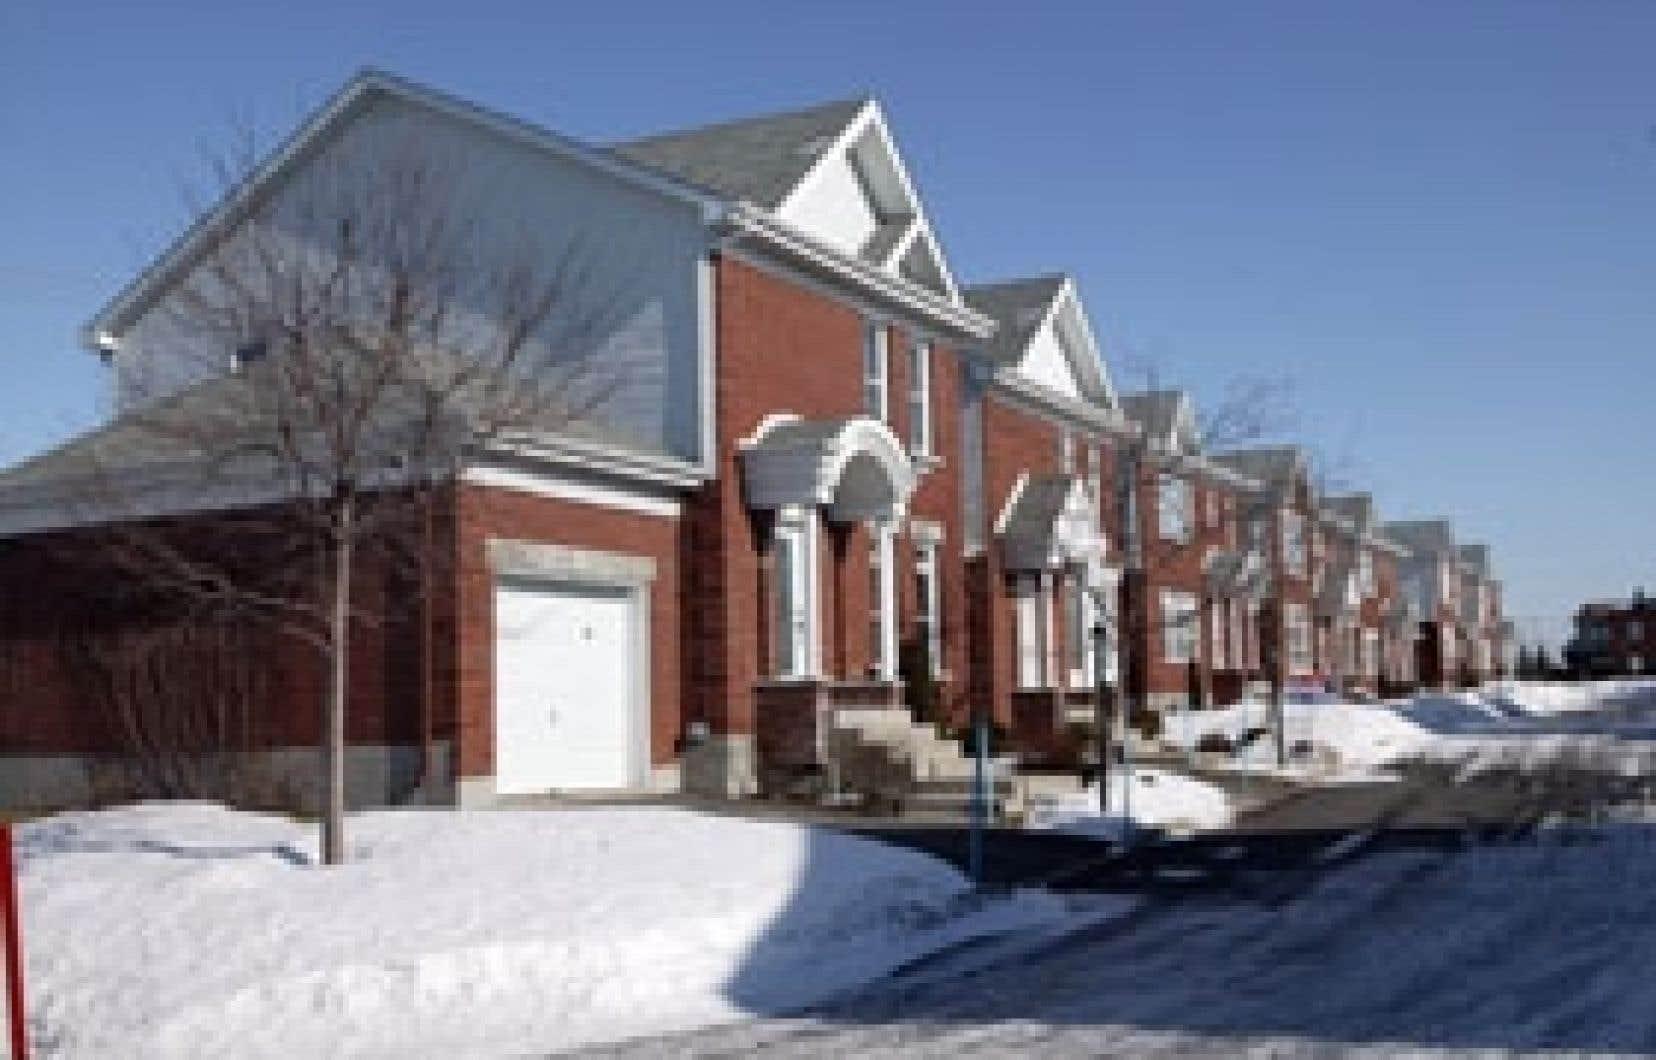 La hausse annuelle des prix à Montréal ne dépasse plus les 20 % comme avant, mais oscille plutôt entre 2 % et 2,5 %.